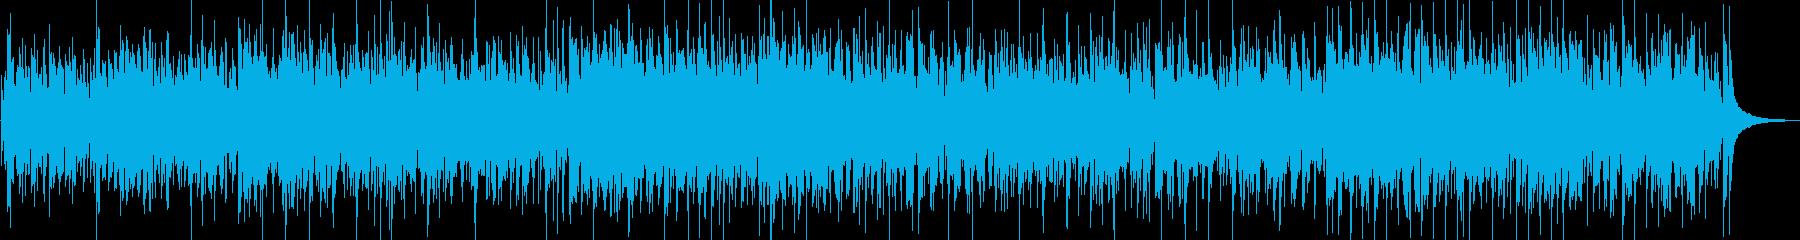 放浪の旅をイメージしたカントリーBGMの再生済みの波形